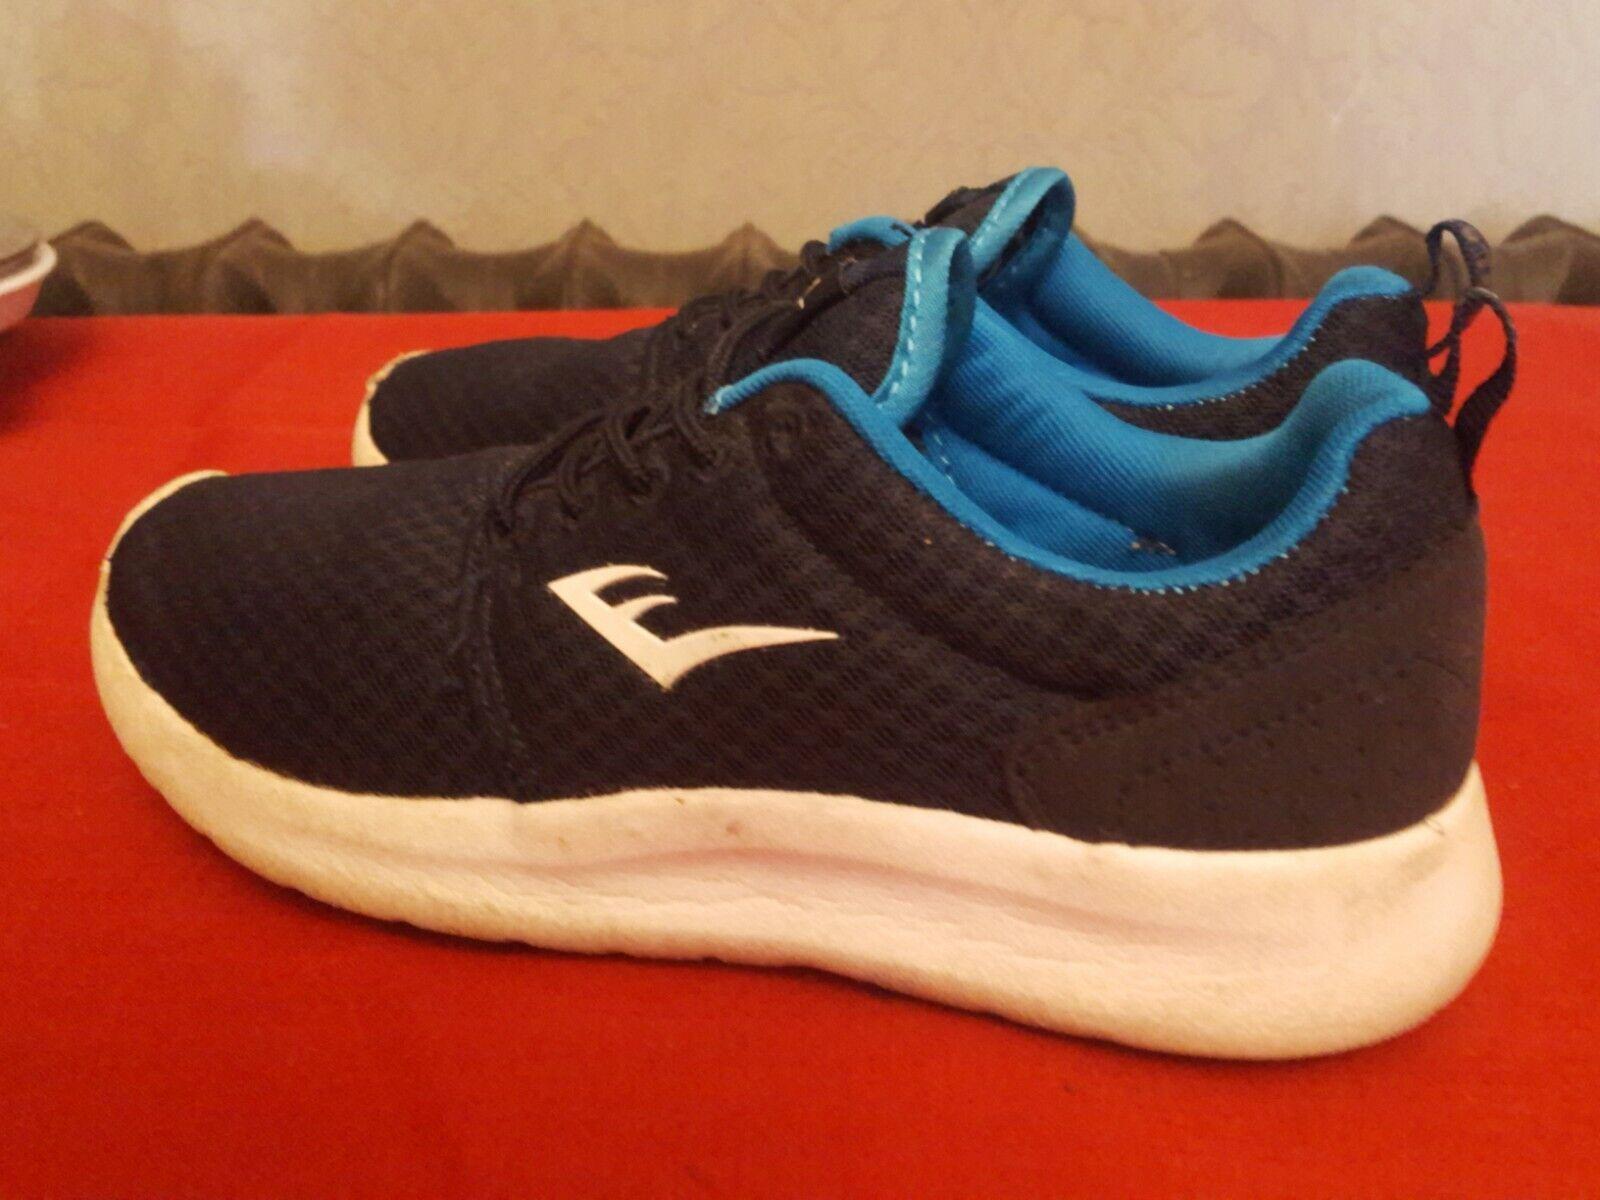 Everlast Baskets Chaussures De Sport Bleu Marine Taille 4. (F)